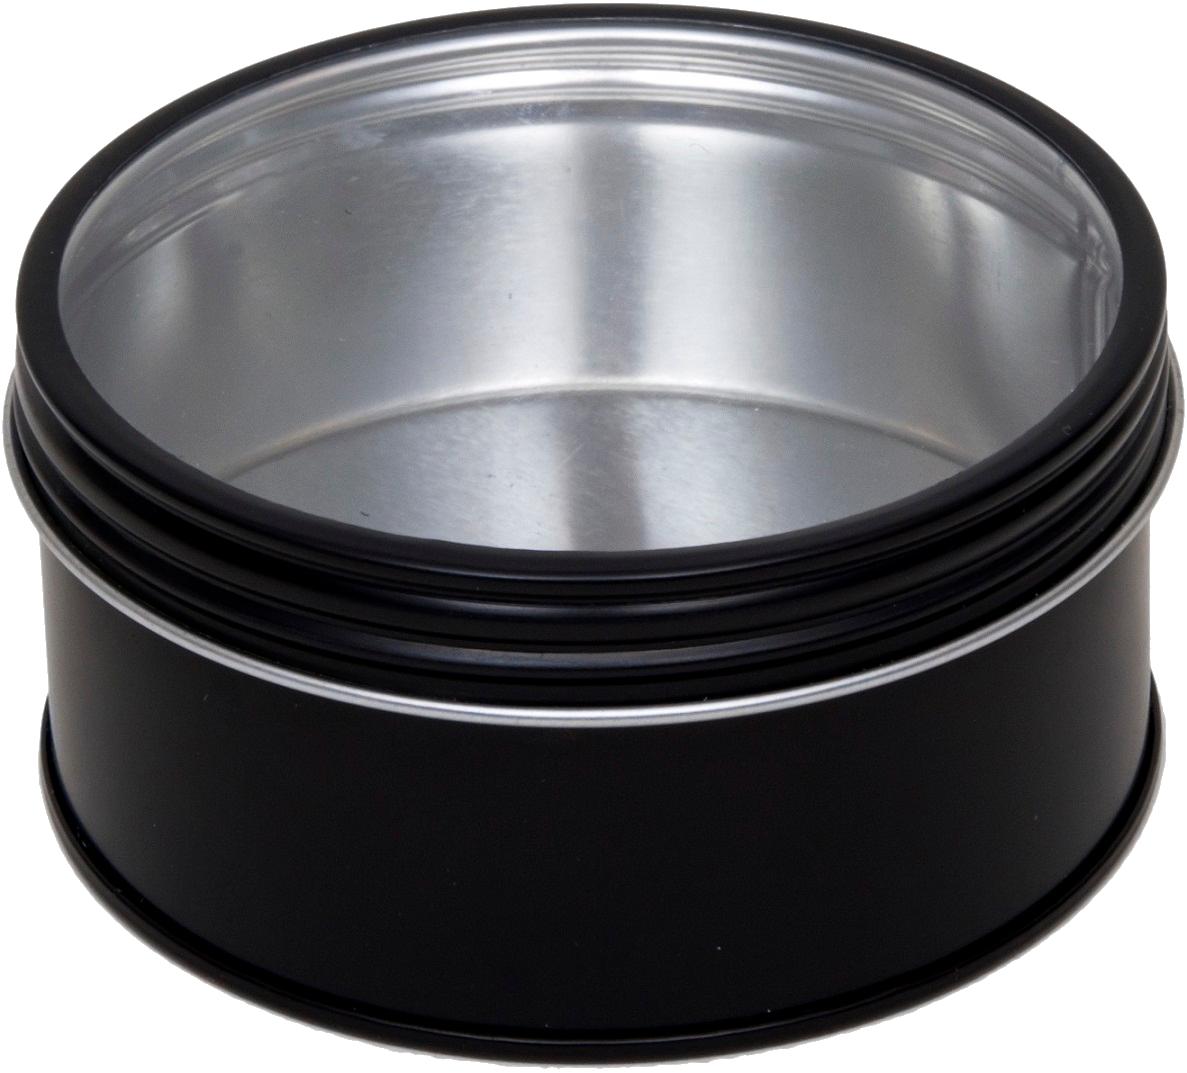 Schwarze runde schraubdeckeldose mit fenster d86x44mm - Schwarze fenster ...